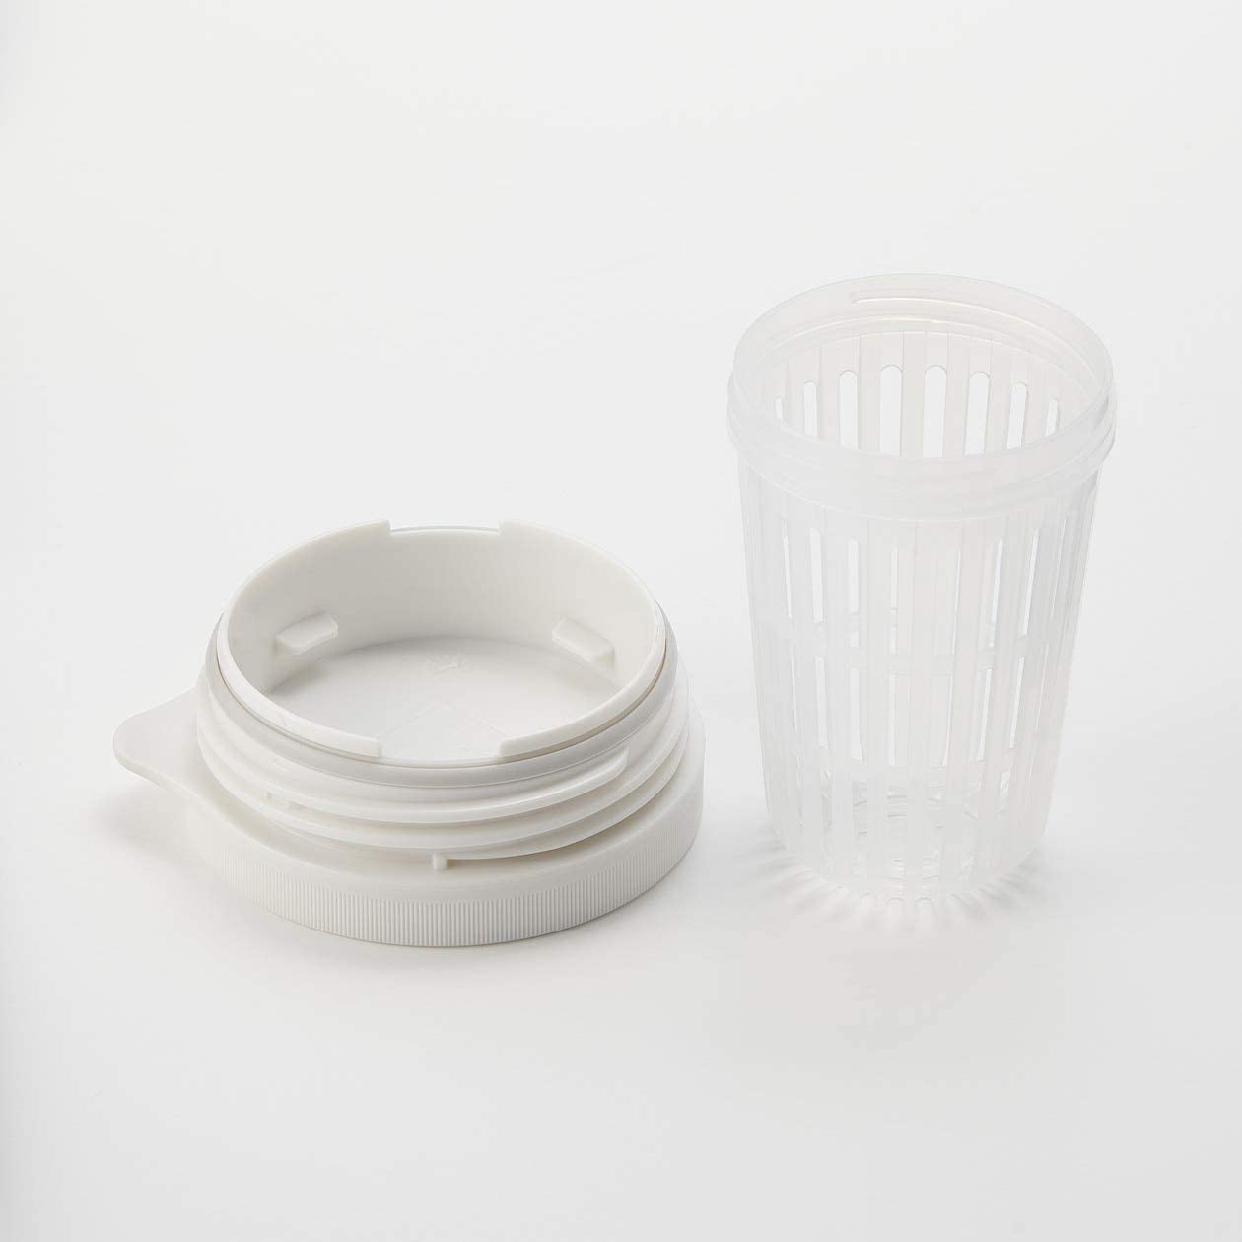 無印良品(MUJI) アクリル冷水筒 冷水専用約2L 44220931の商品画像7